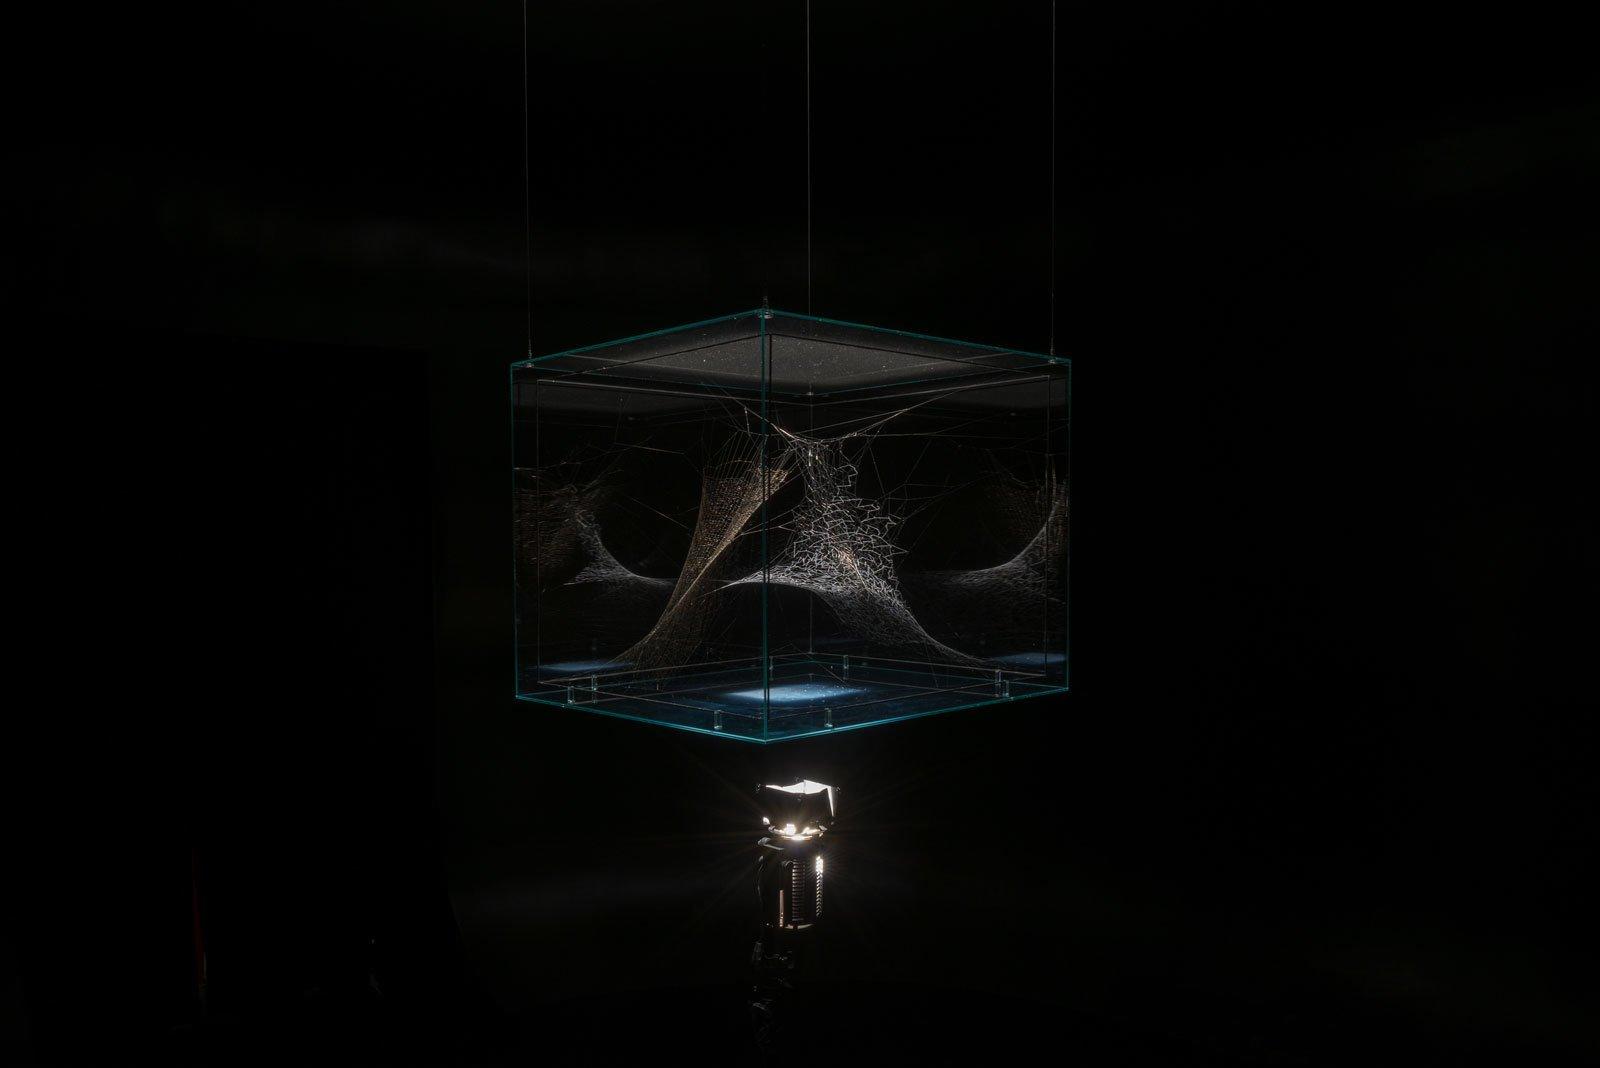 """Фотография инсталляции Томаса Сарасено, """"Паучьи концерты"""". <a>Источник</a>."""